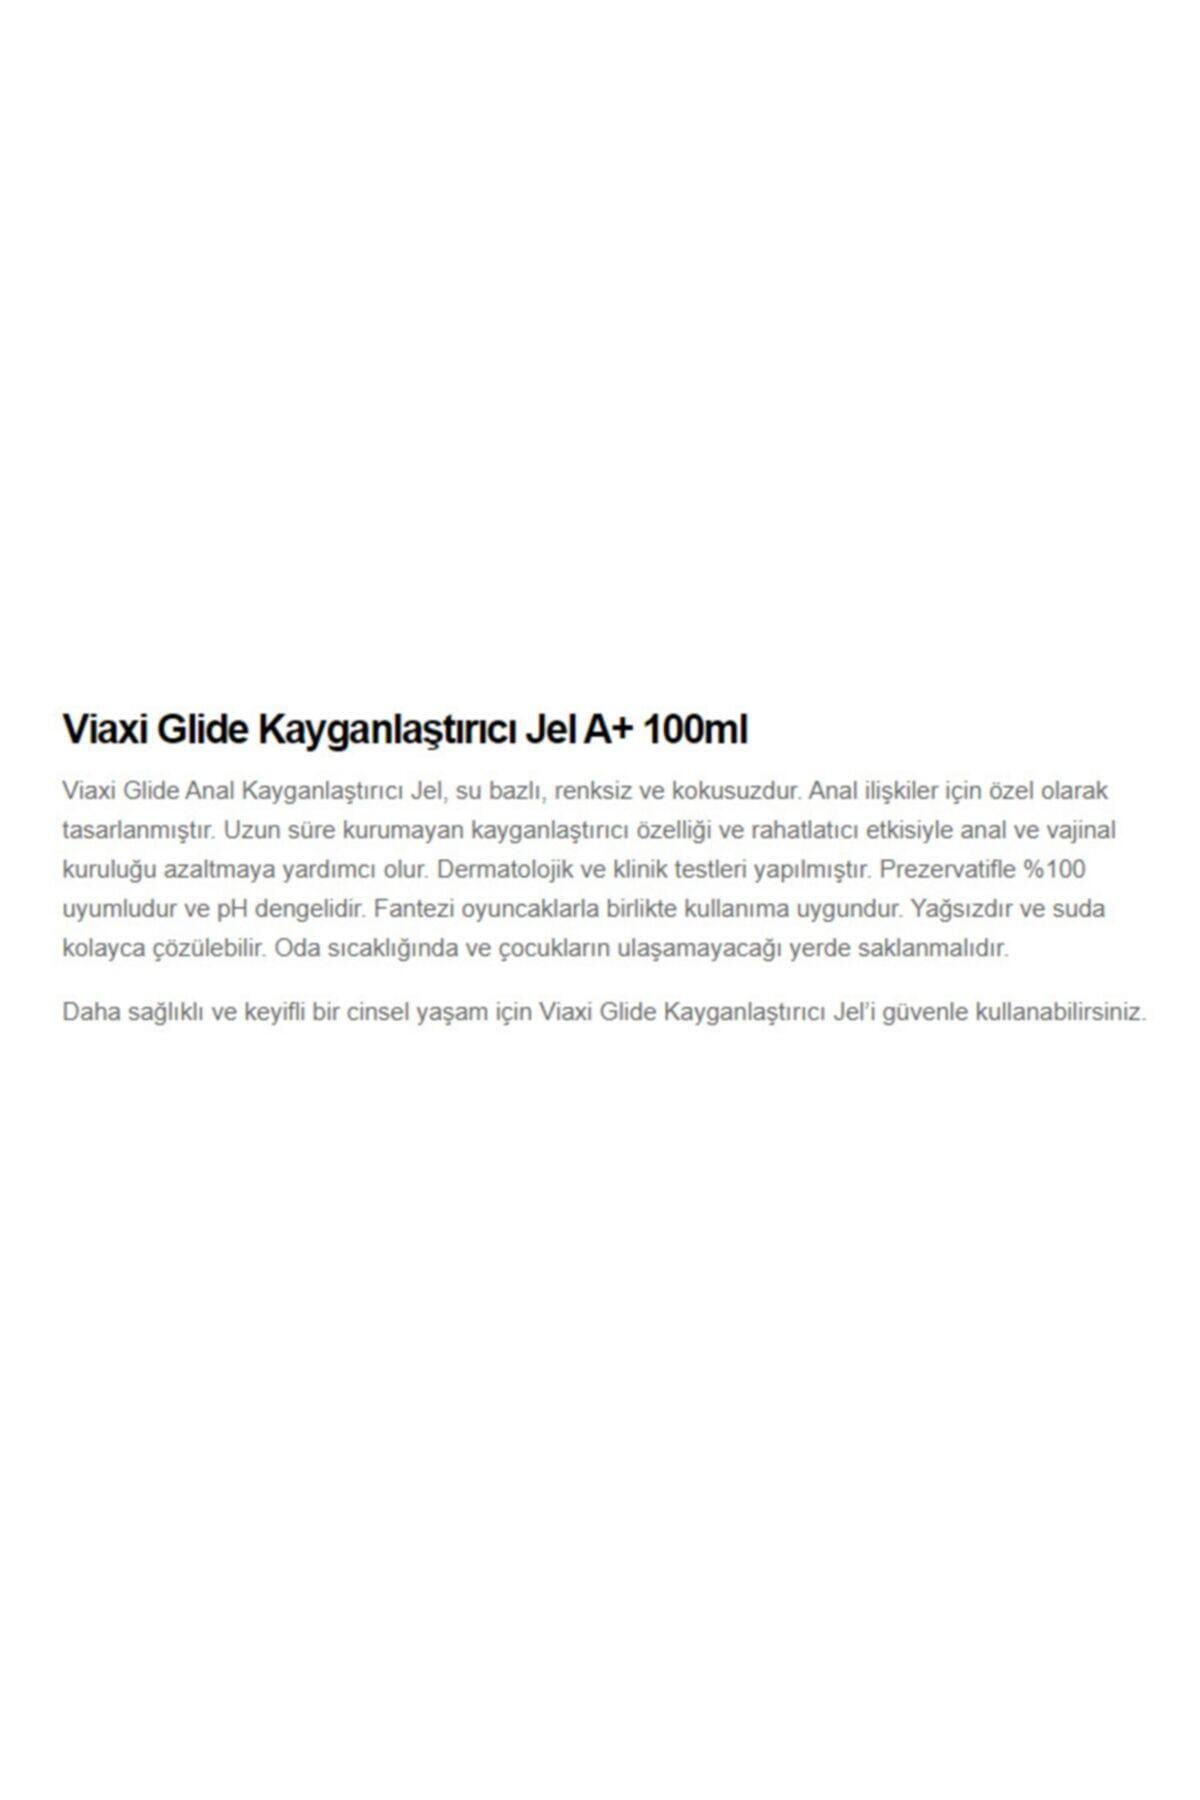 Viaxi Su Bazlı Kayganlaştırıcı Anal Jel 100 ml 2